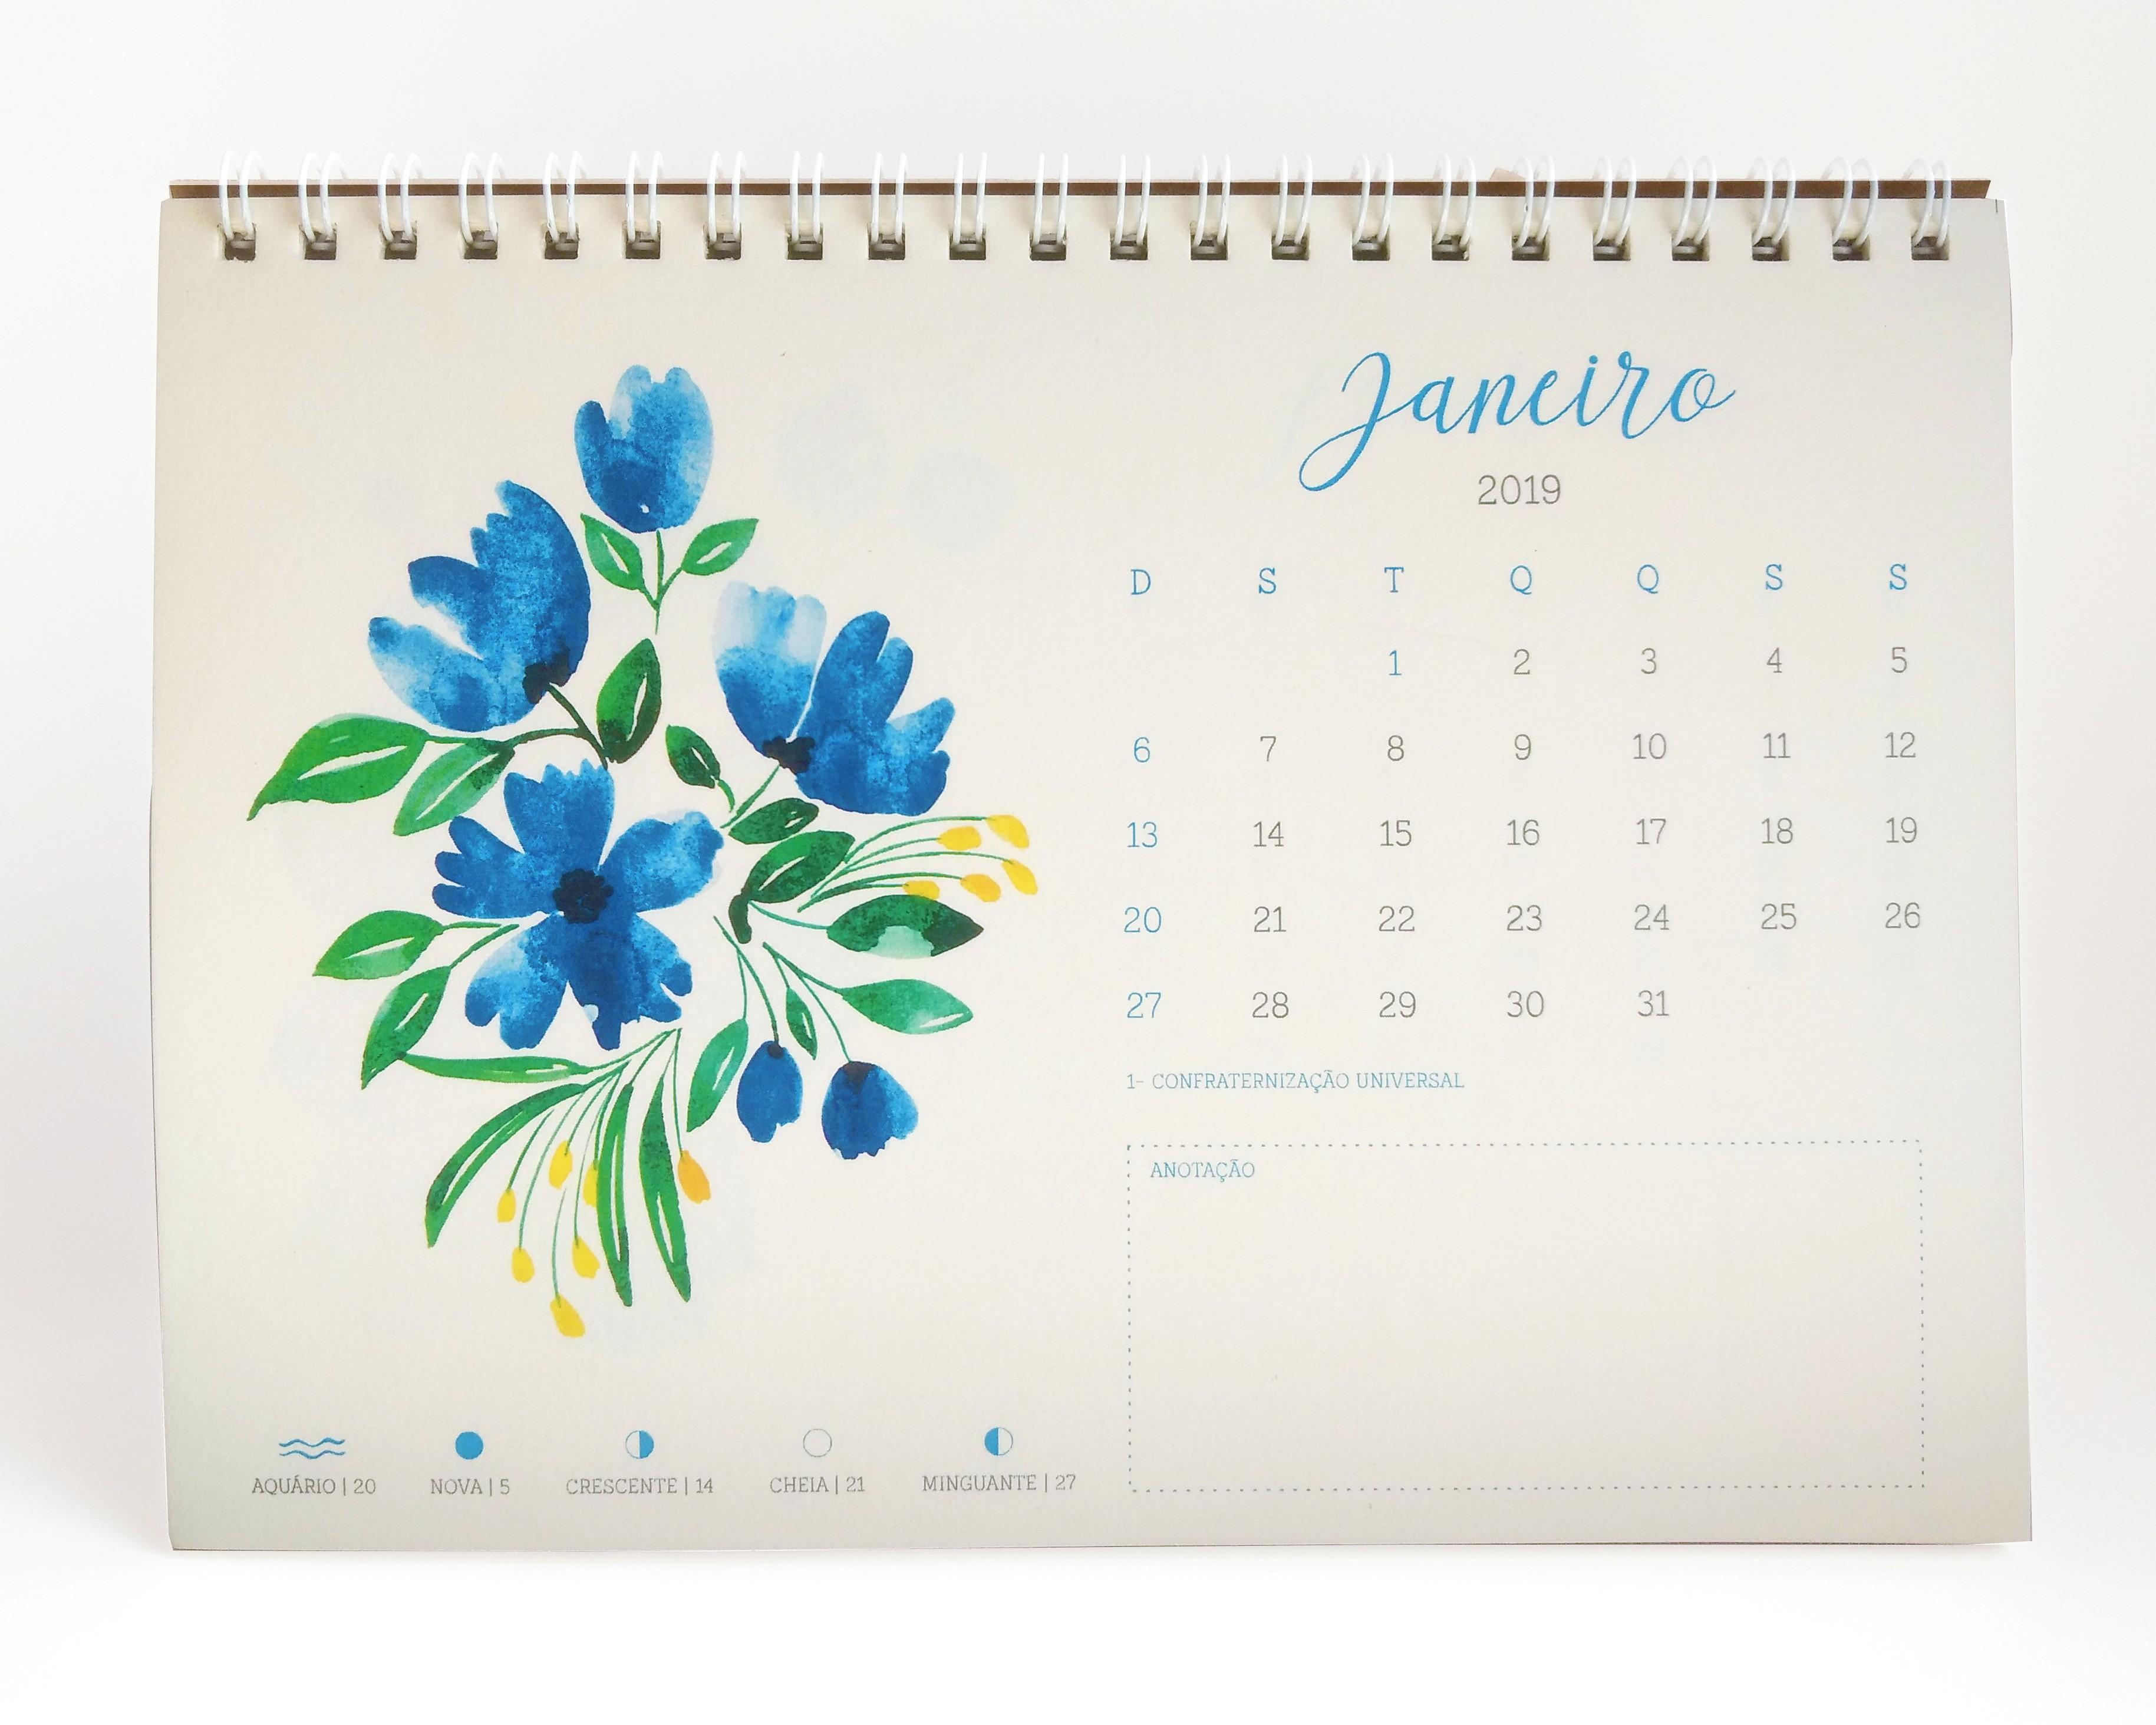 calendario 2019 floral e borboletas calendario 2019